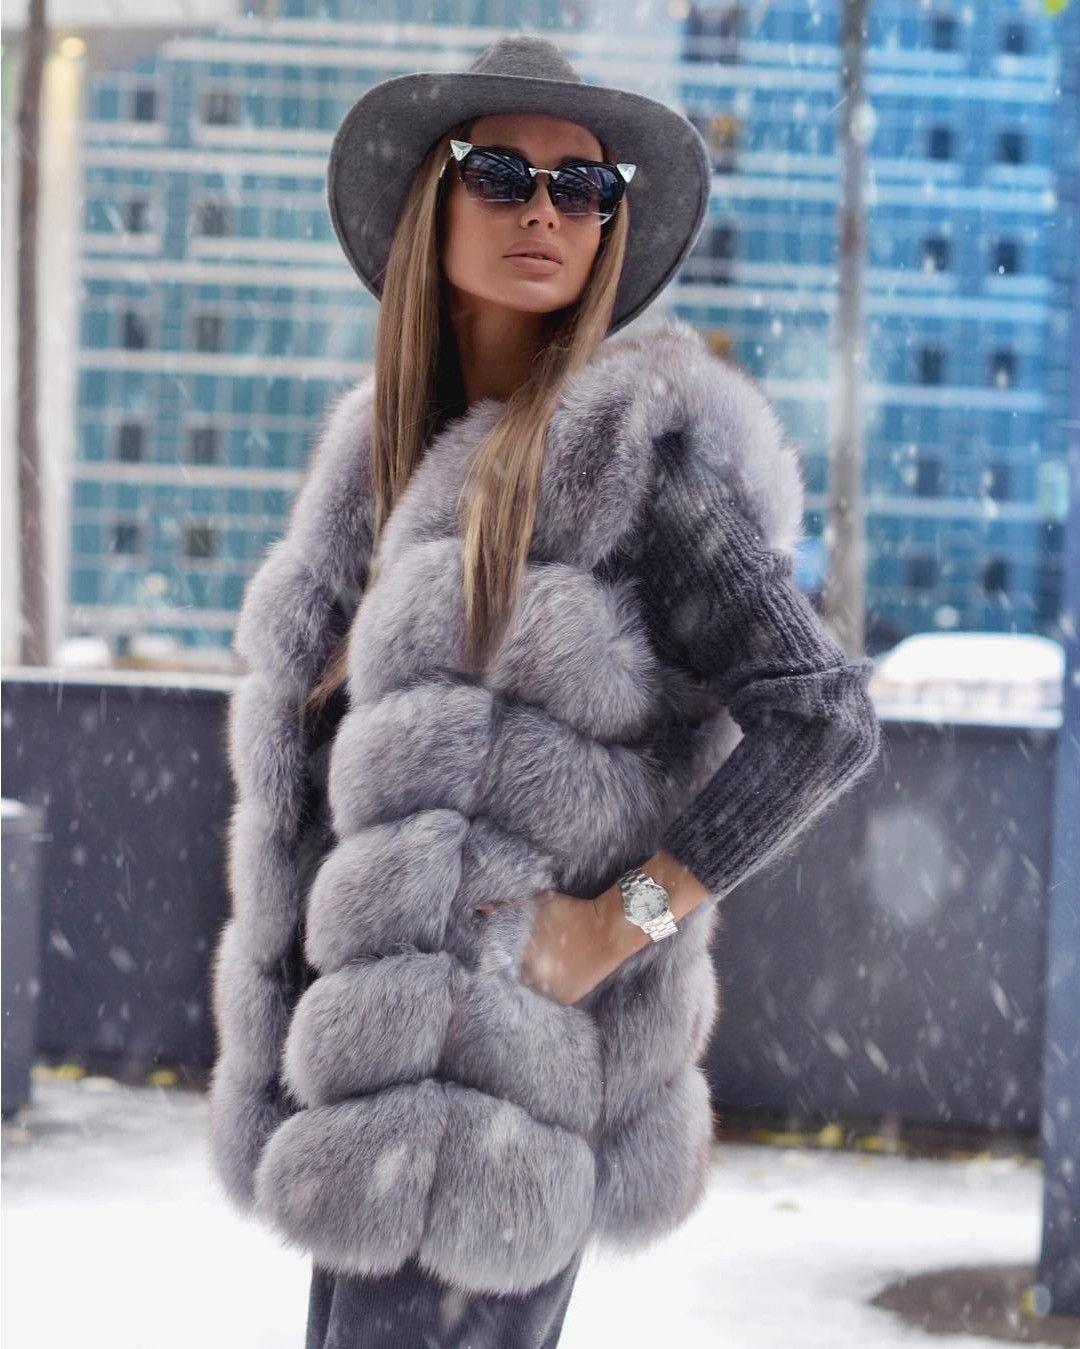 """Очень красивый и уютный """"total gray look"""" от @rita.tesla. Мягкий и нежный образ дополняет непременный аксессуар большинства модниц и знаменитостей - солнцезащитные очки современной формы """"кошачий глаз"""" Iridia Sunglasses от #fendi . Ну и главный акцент - воспетая @womanslook не один раз широкополая шляпа в тон. А вы готовы к наступлению зимы и новогодних каникул?  #womanslook"""